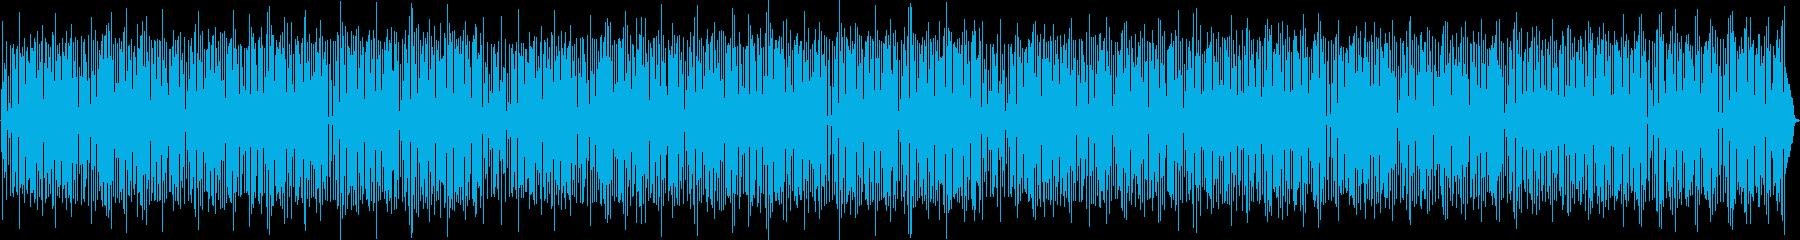 ハンドドラム、アコースティックギタ...の再生済みの波形